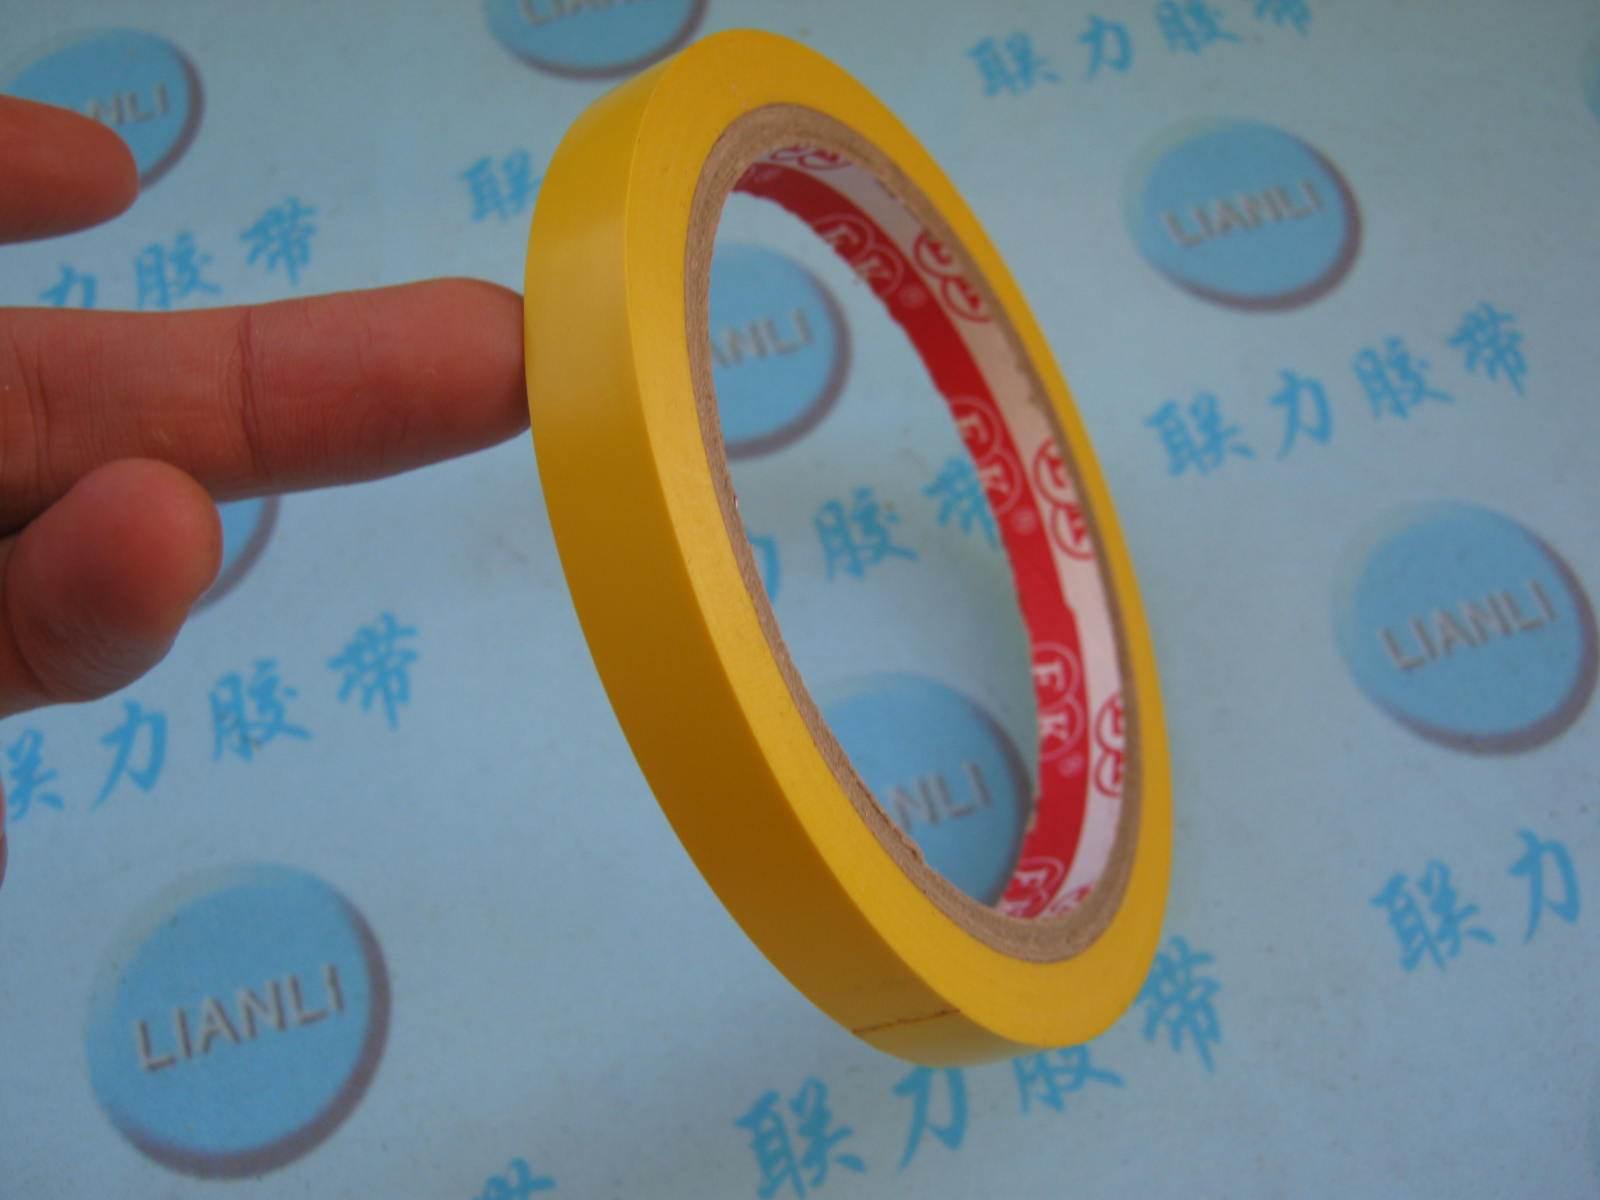 Завод оптовые продажи спец. предложение Продукты Липкая лента желтый земля панель лента желтый земля панель Пластмасса 1CM * 18M